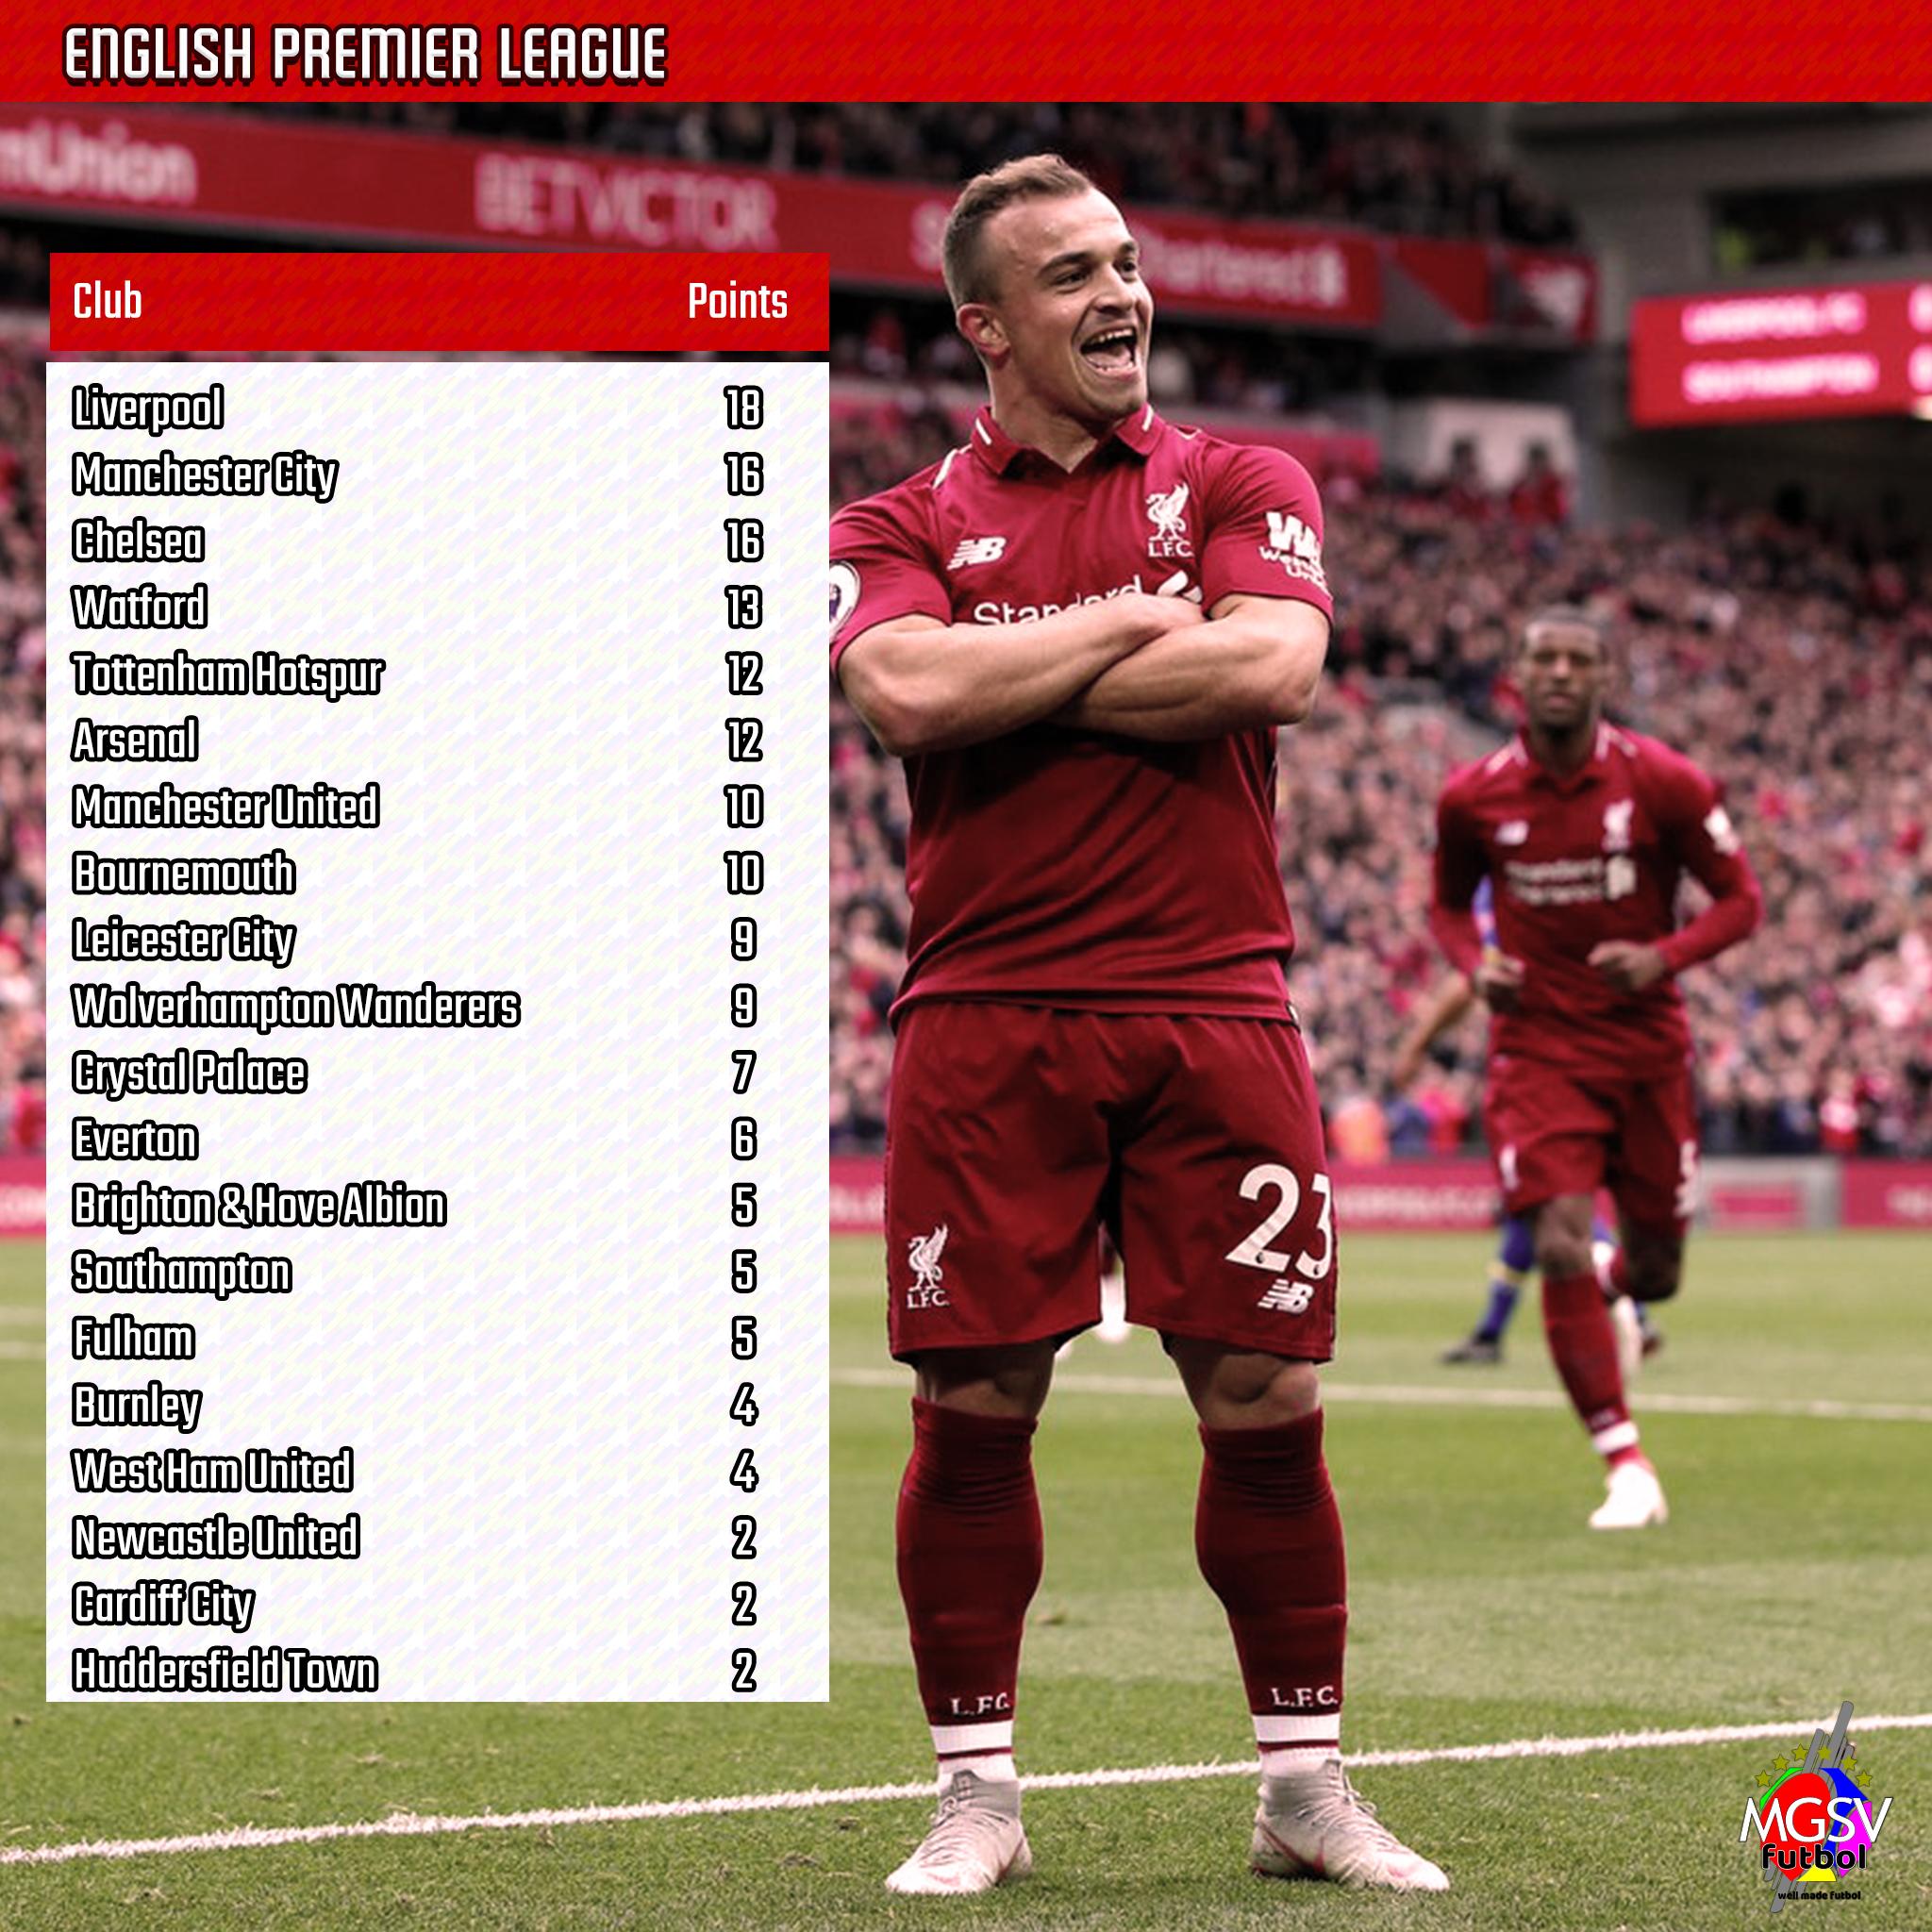 Premier League 2018 19 Live: 2018/19 English Premier League